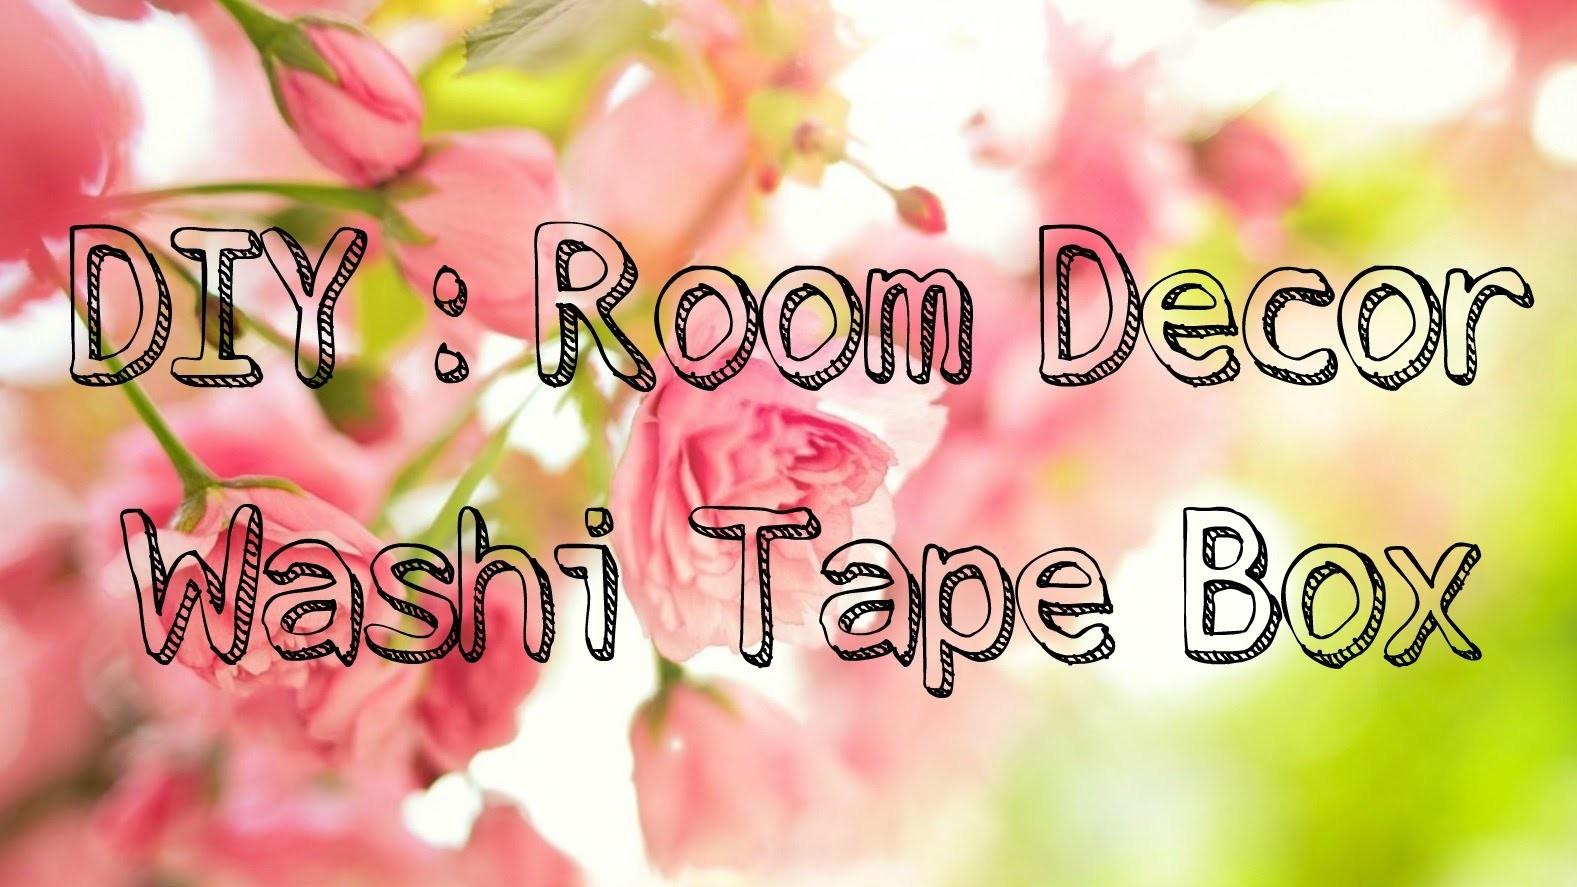 ☼DIY Room Decor  :Washi Tape Box ☼